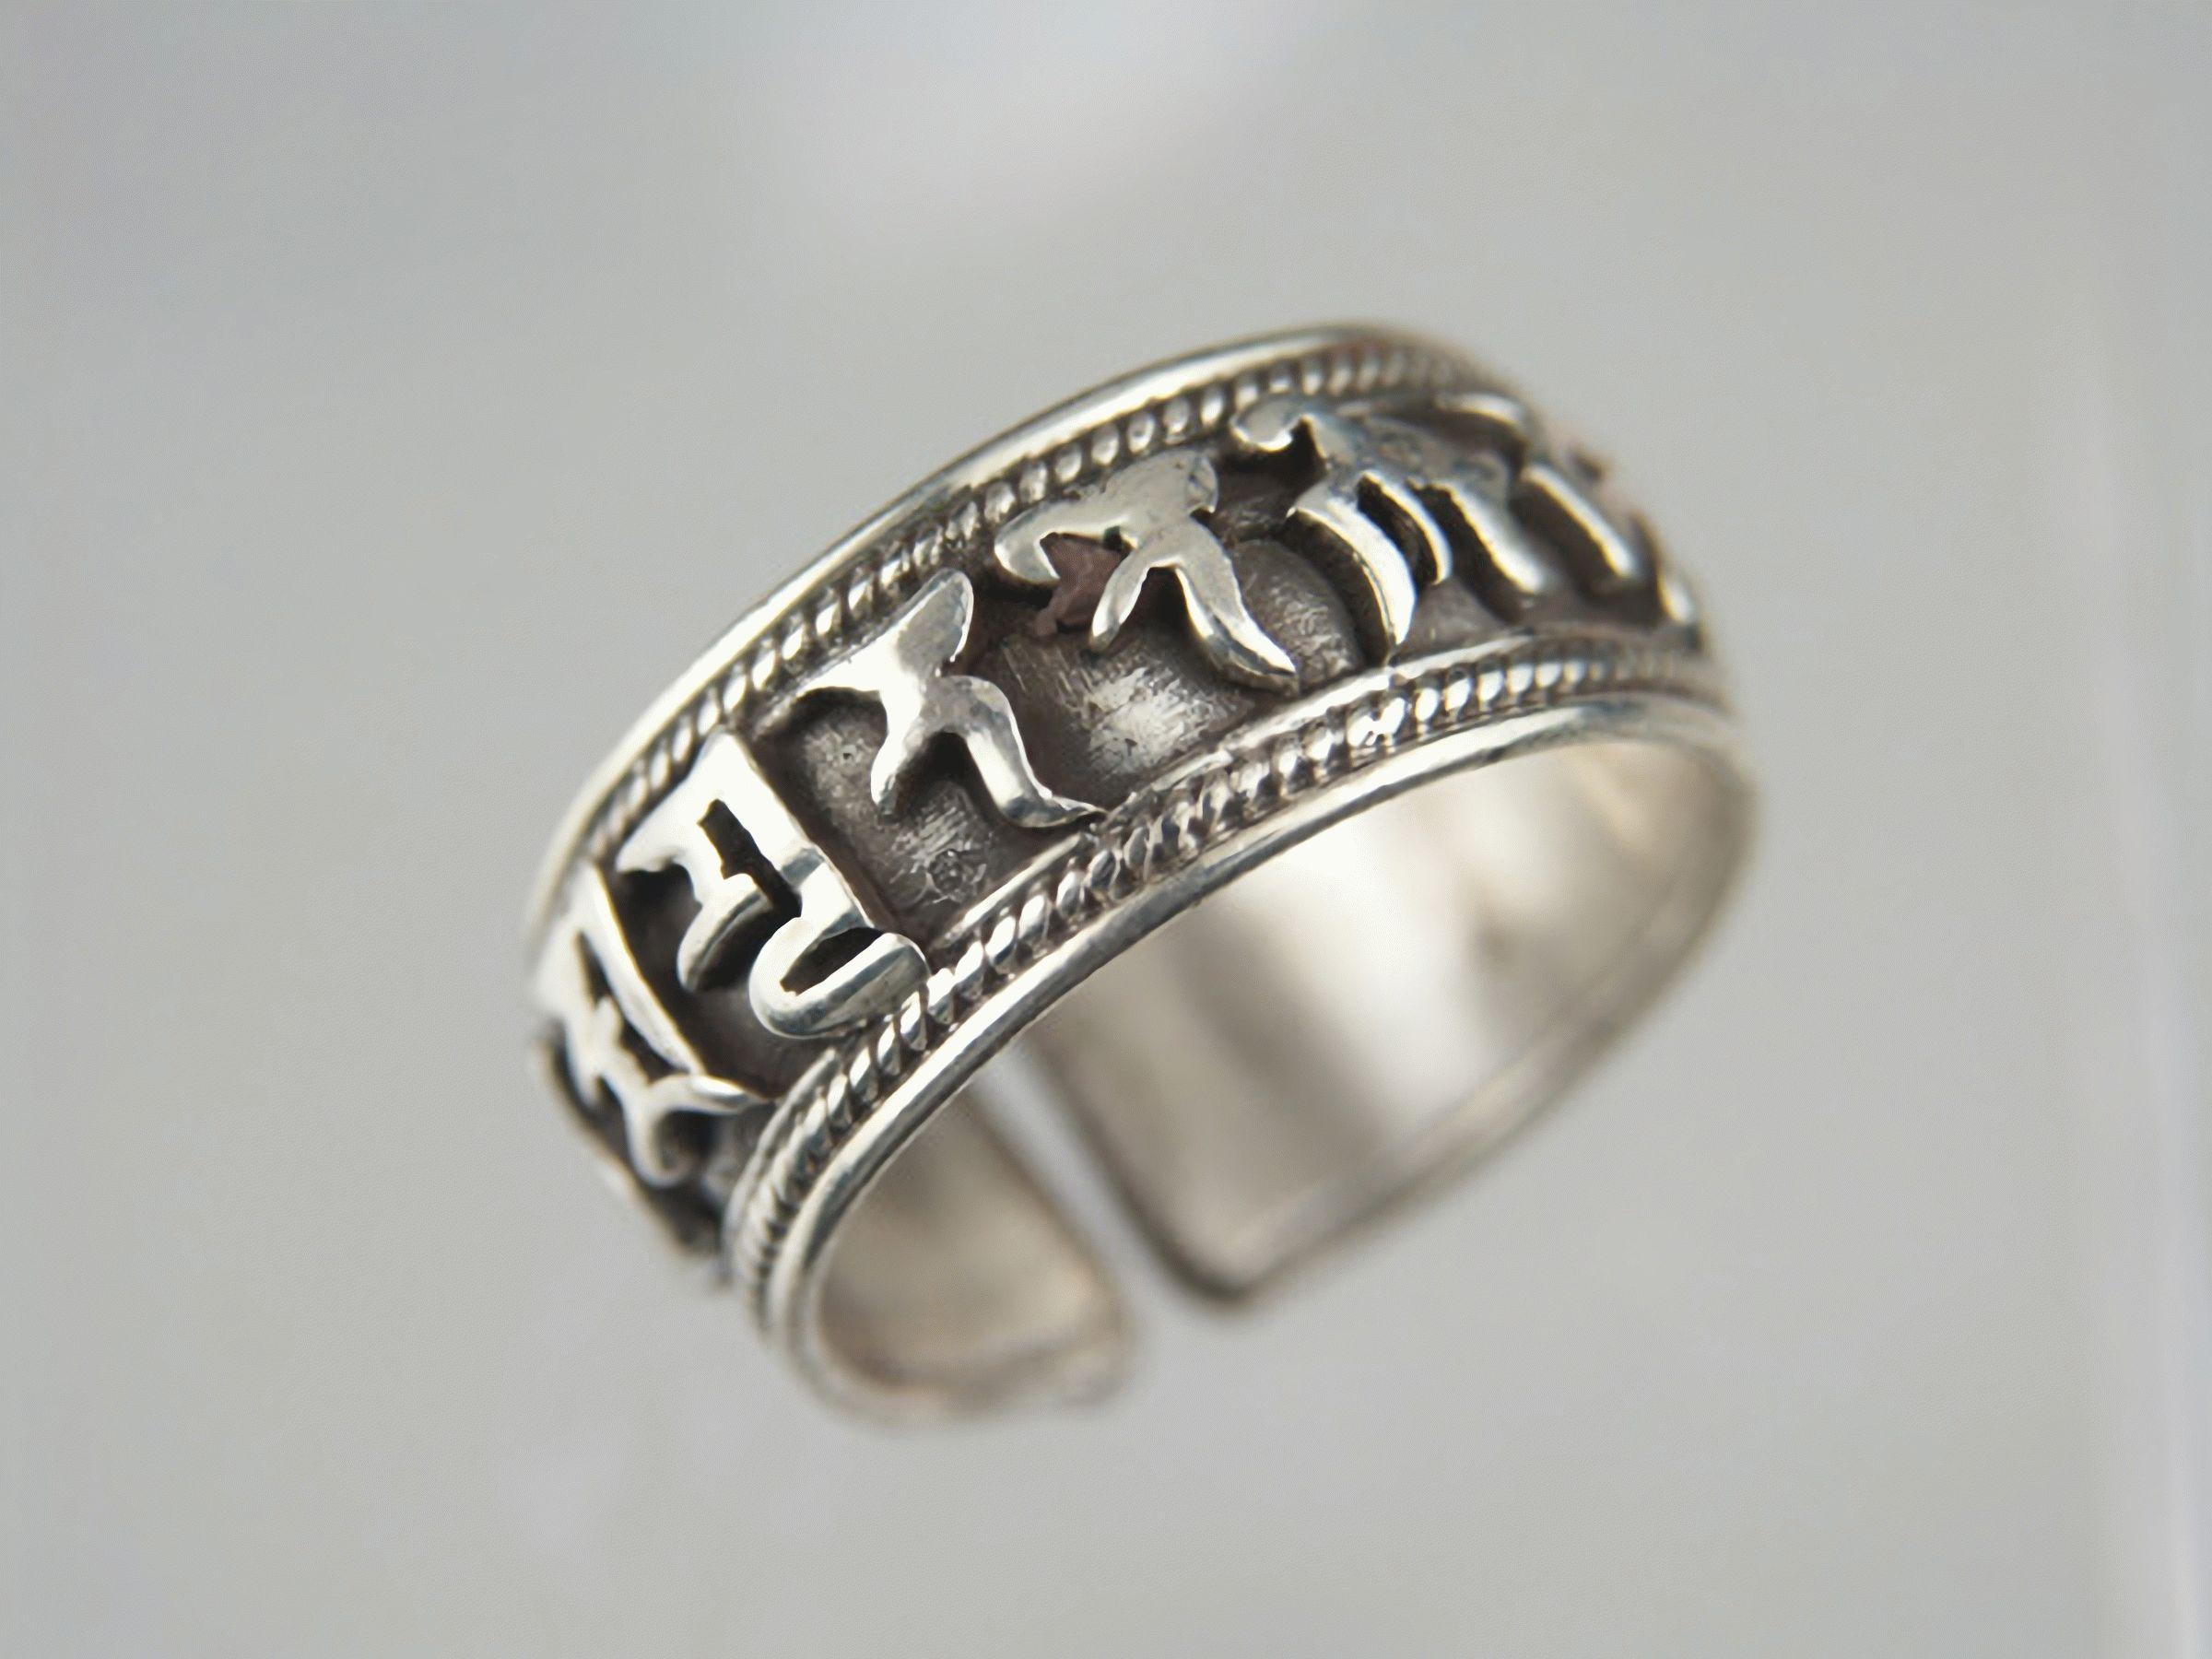 Какая мантра написана на кольце?